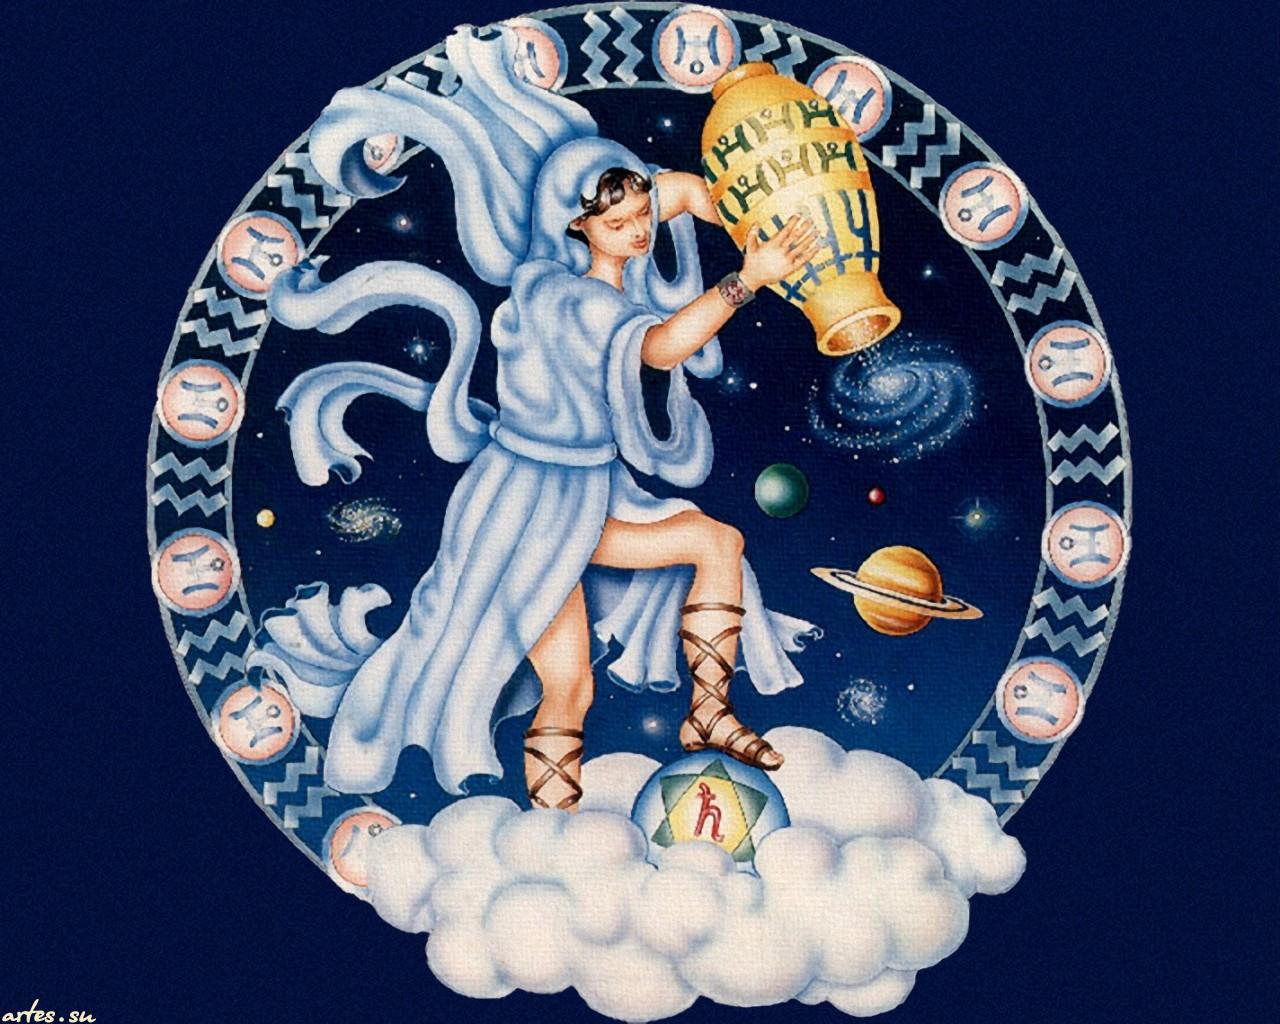 Скачать обои Водолей, Знаки Зодиака 800x600.